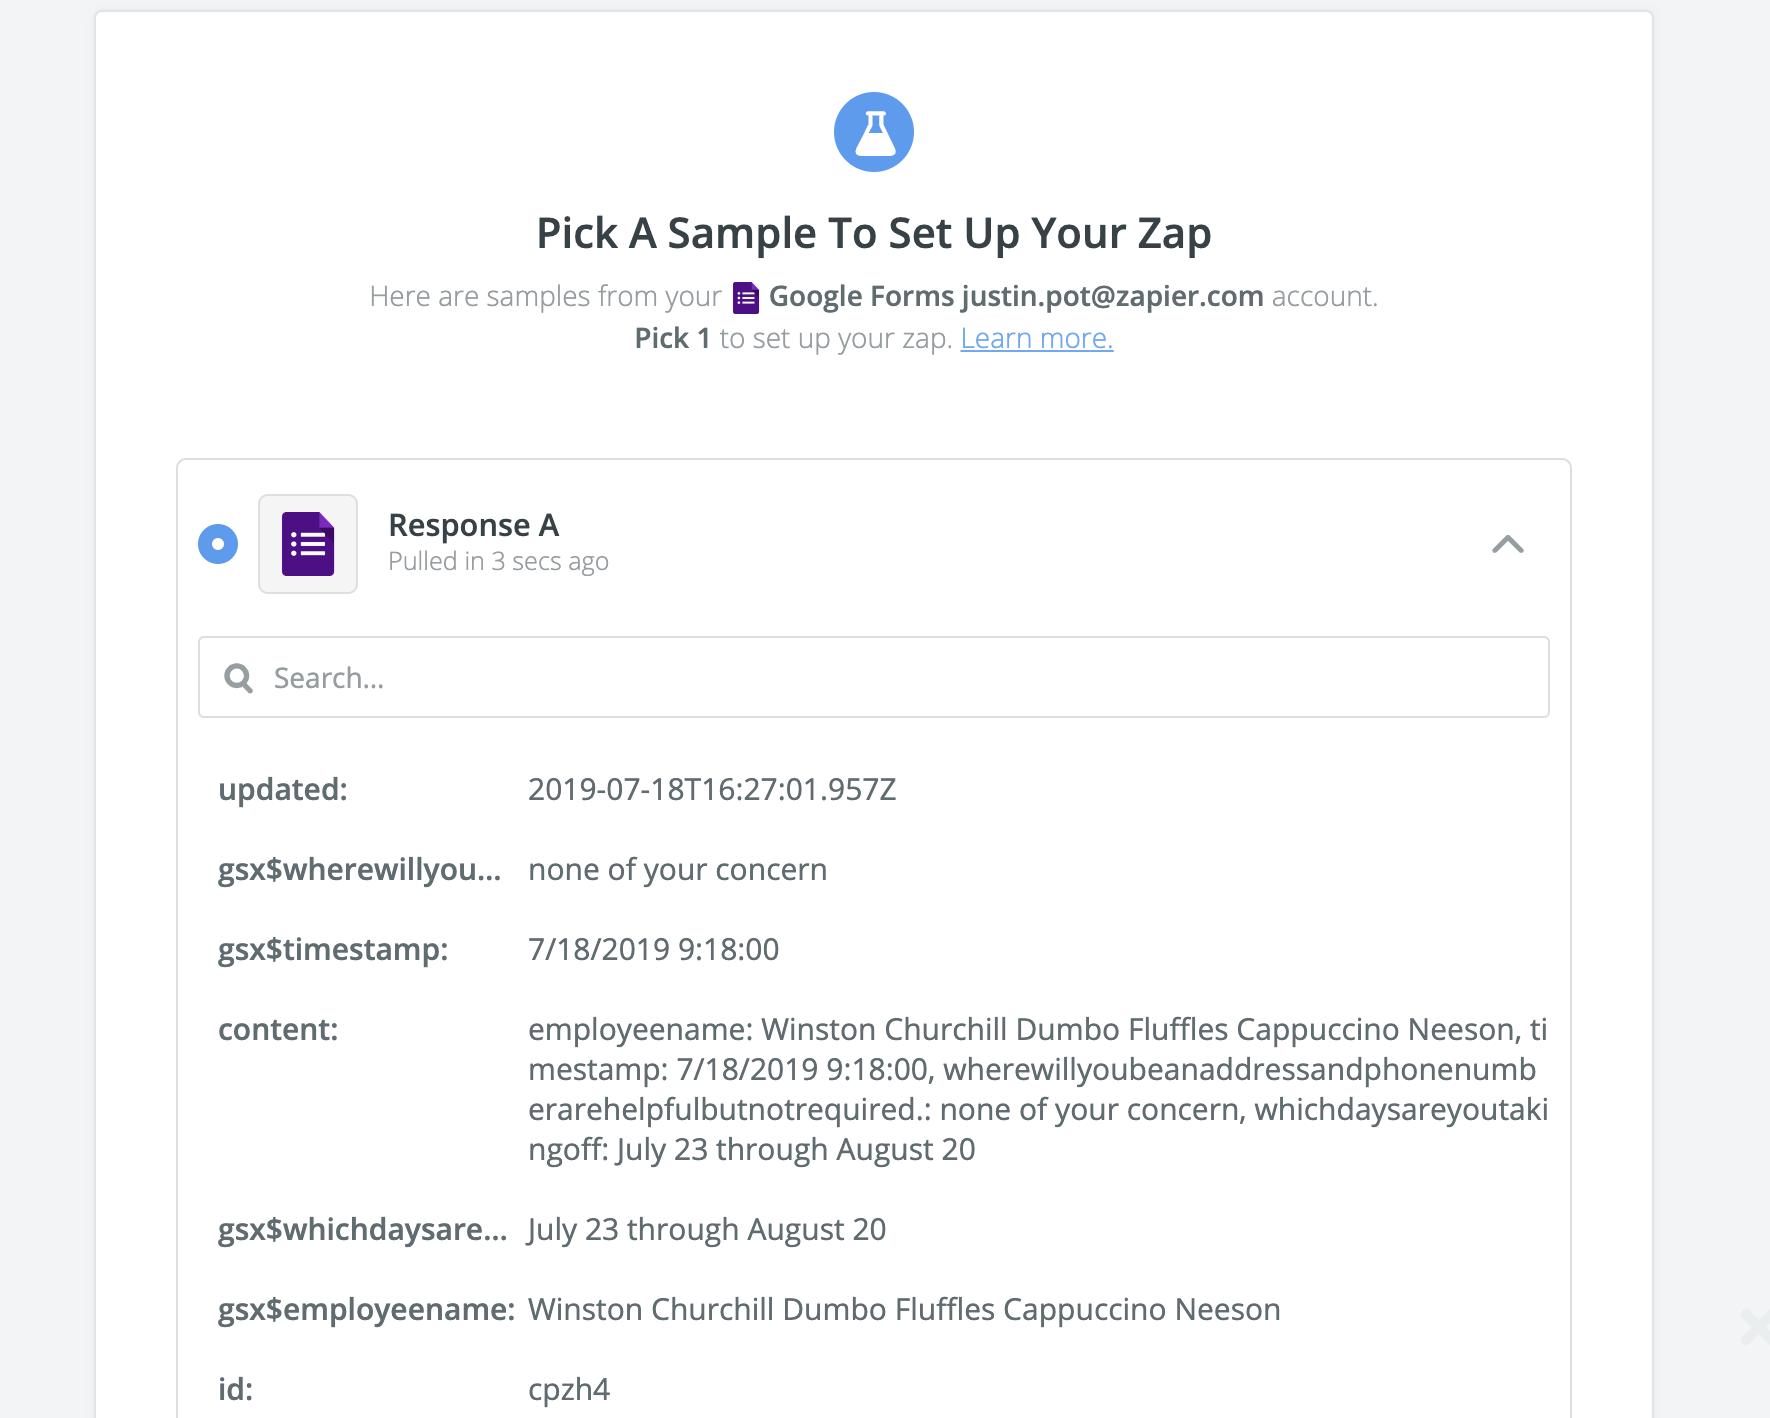 Pull in sample data